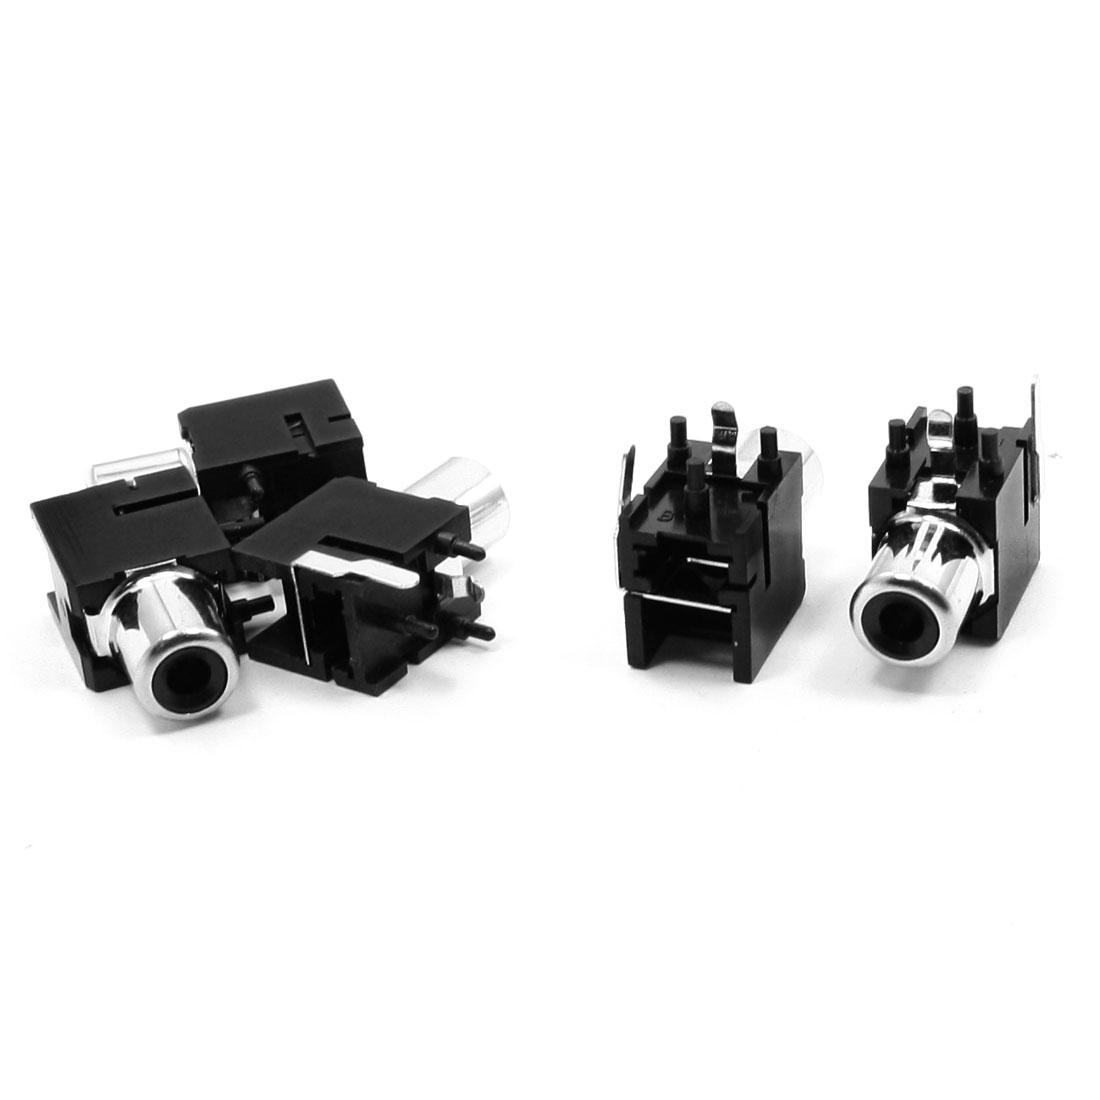 5PCS 2 Terminals RCA Mount 3.5mm Jacks Connectors Socket Black